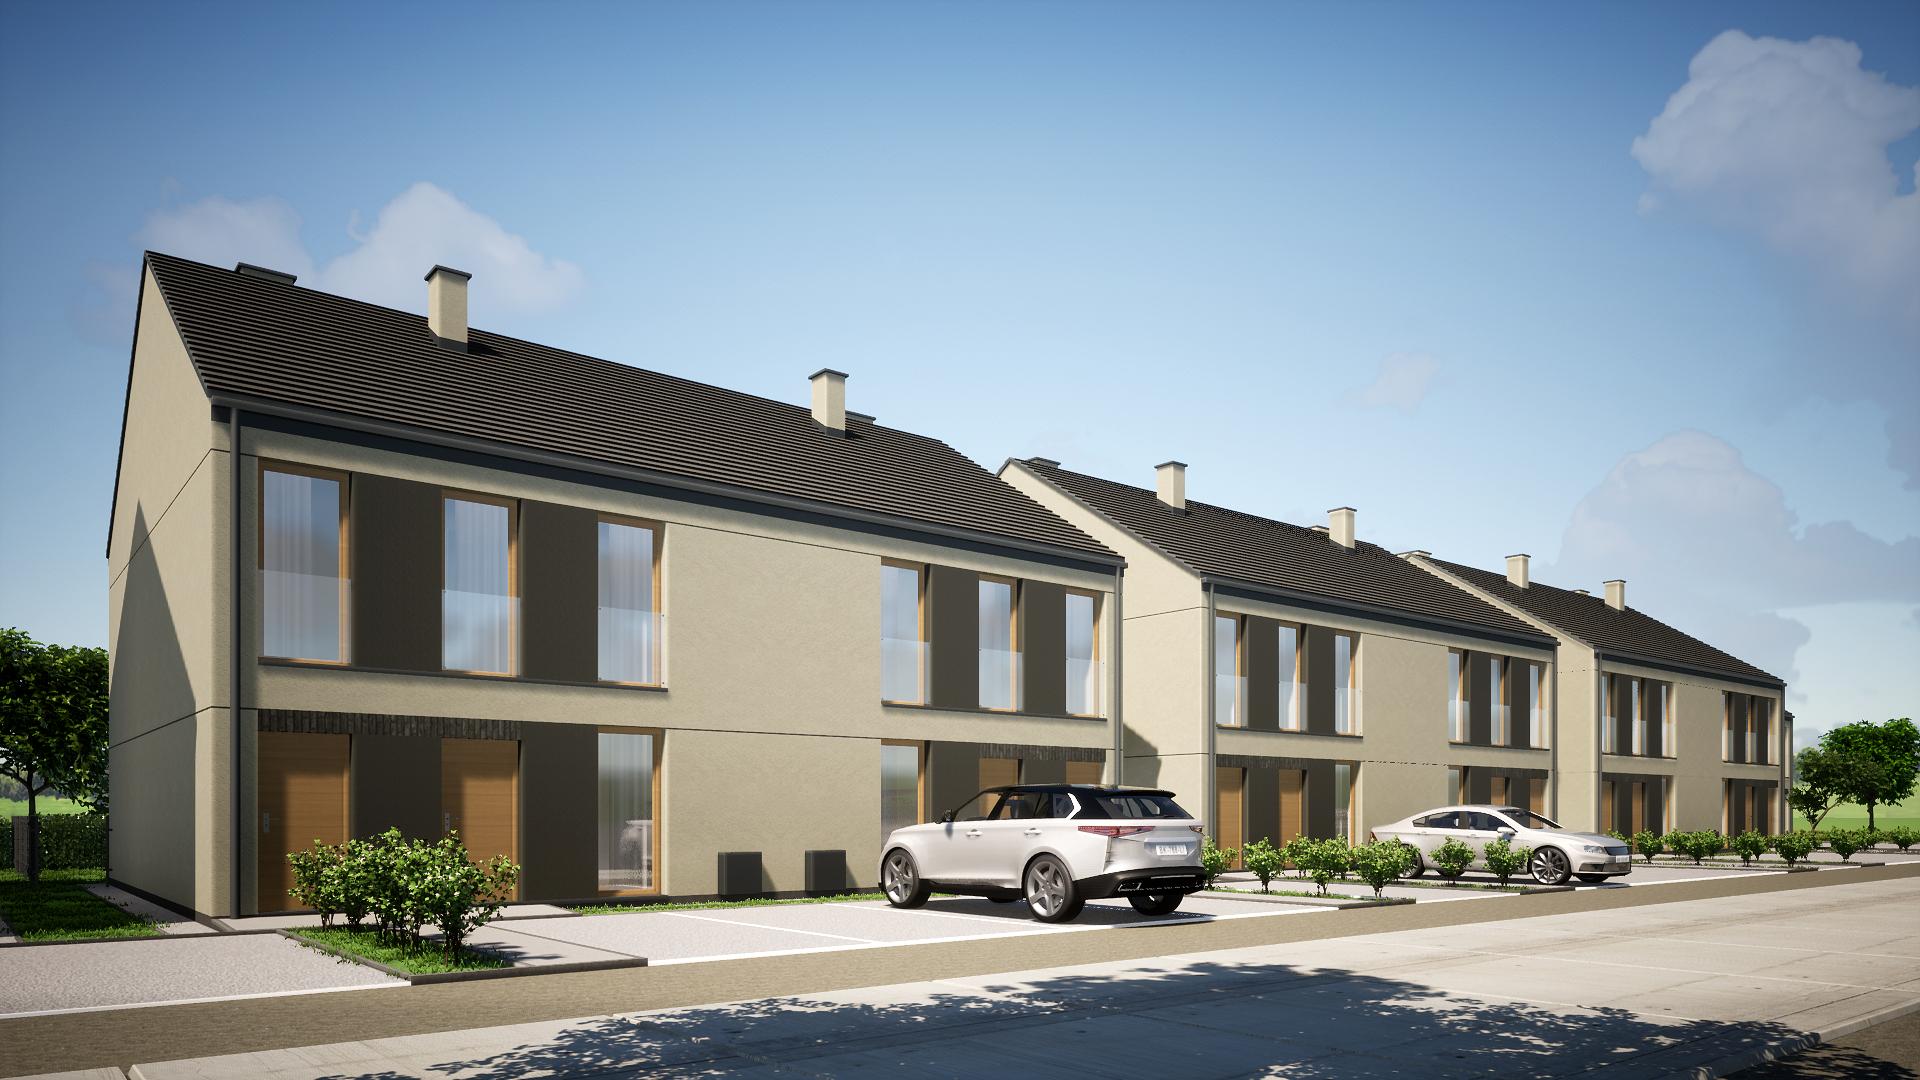 Nowe mieszkania na szczecińskim Warszewie i Osowie ul. Andersena Deweloper